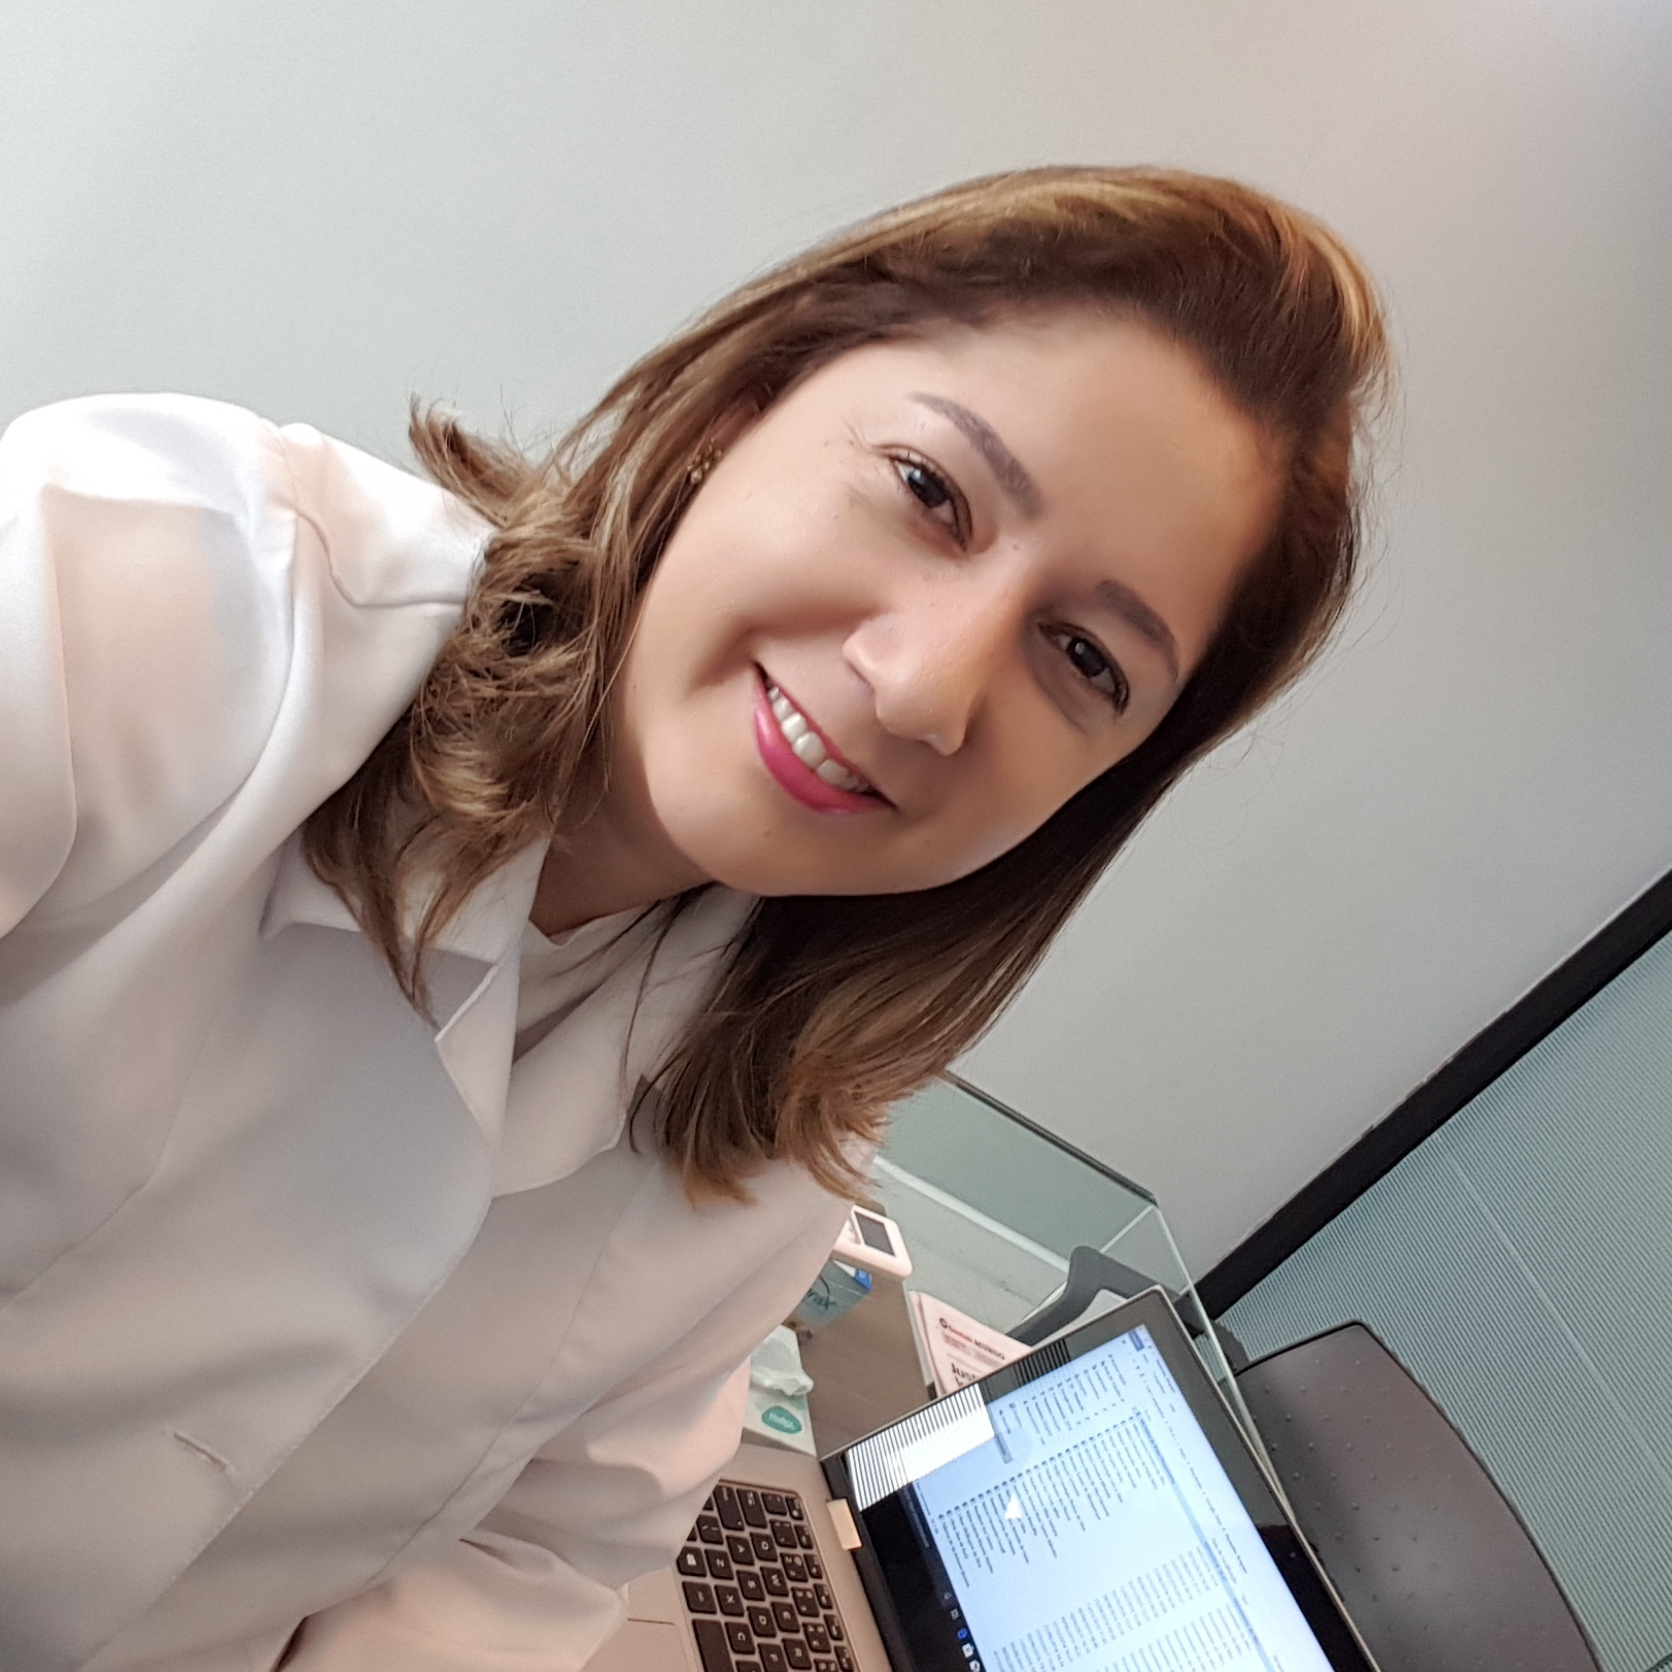 Ana Cláudia Gonçalves